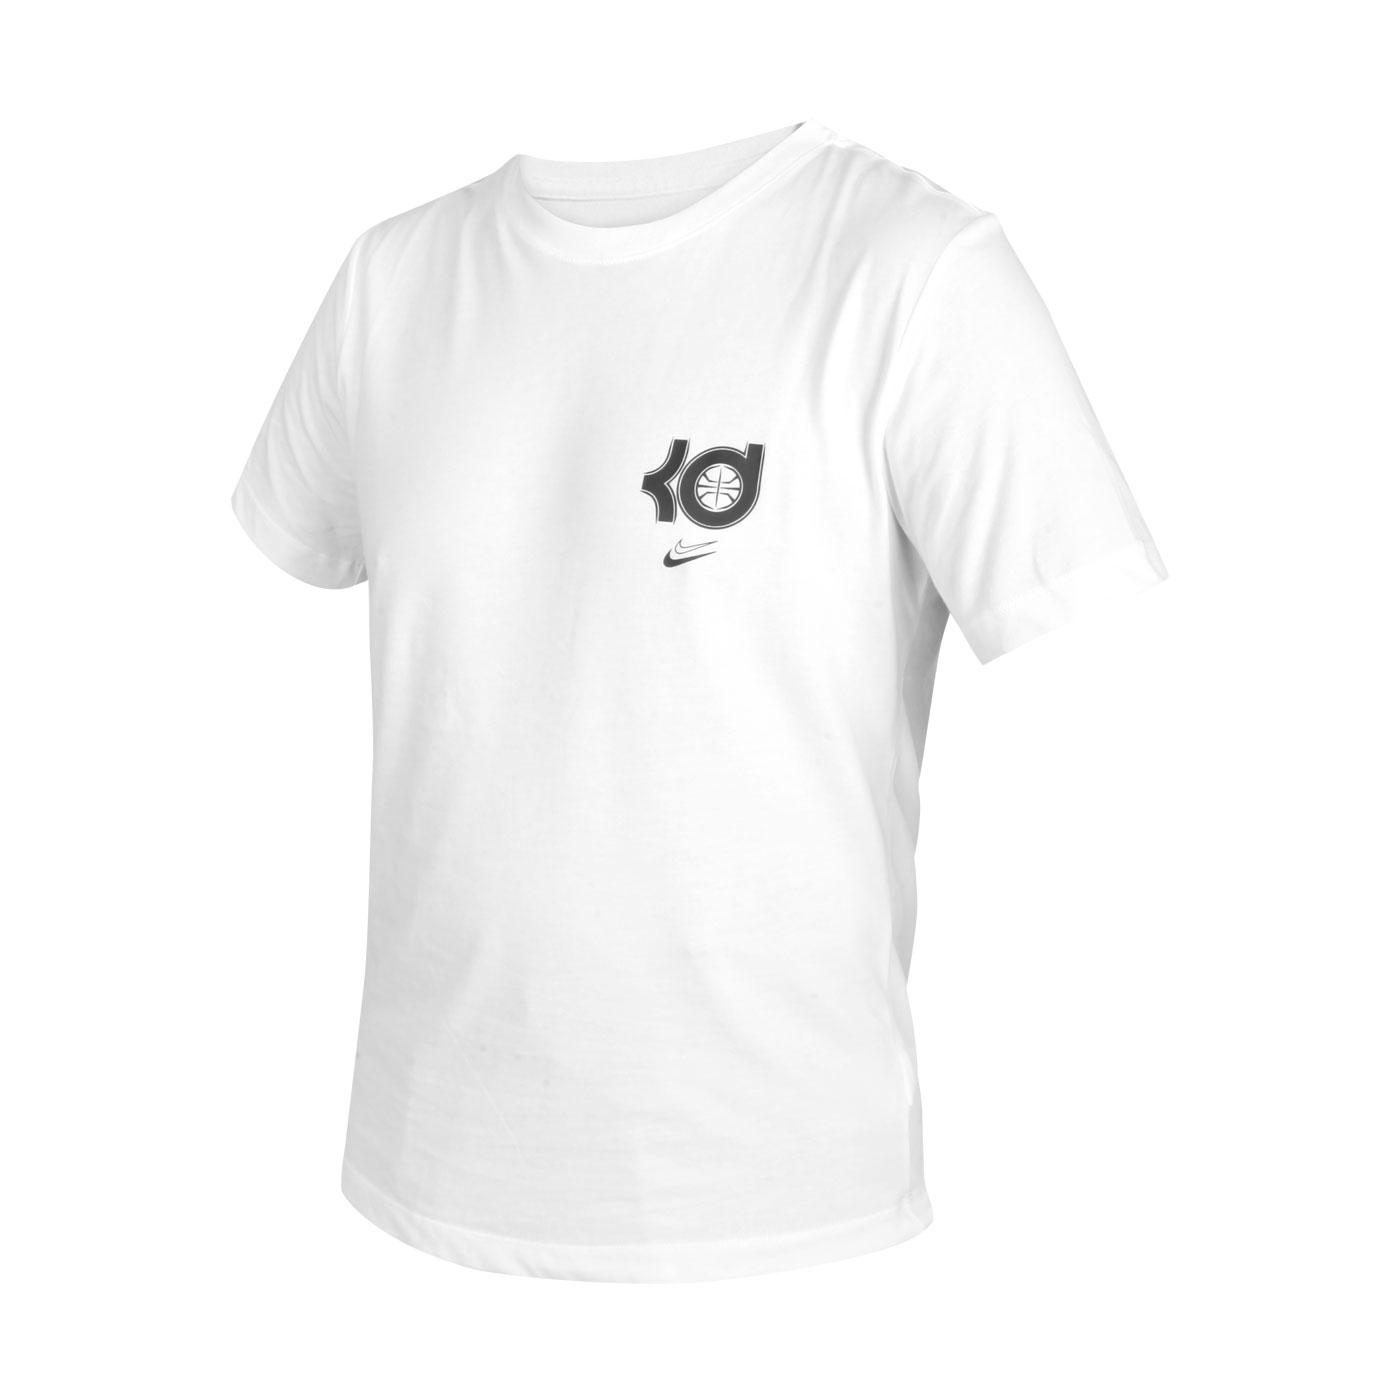 NIKE 男款短袖T恤 DD0776-100 - 白黑